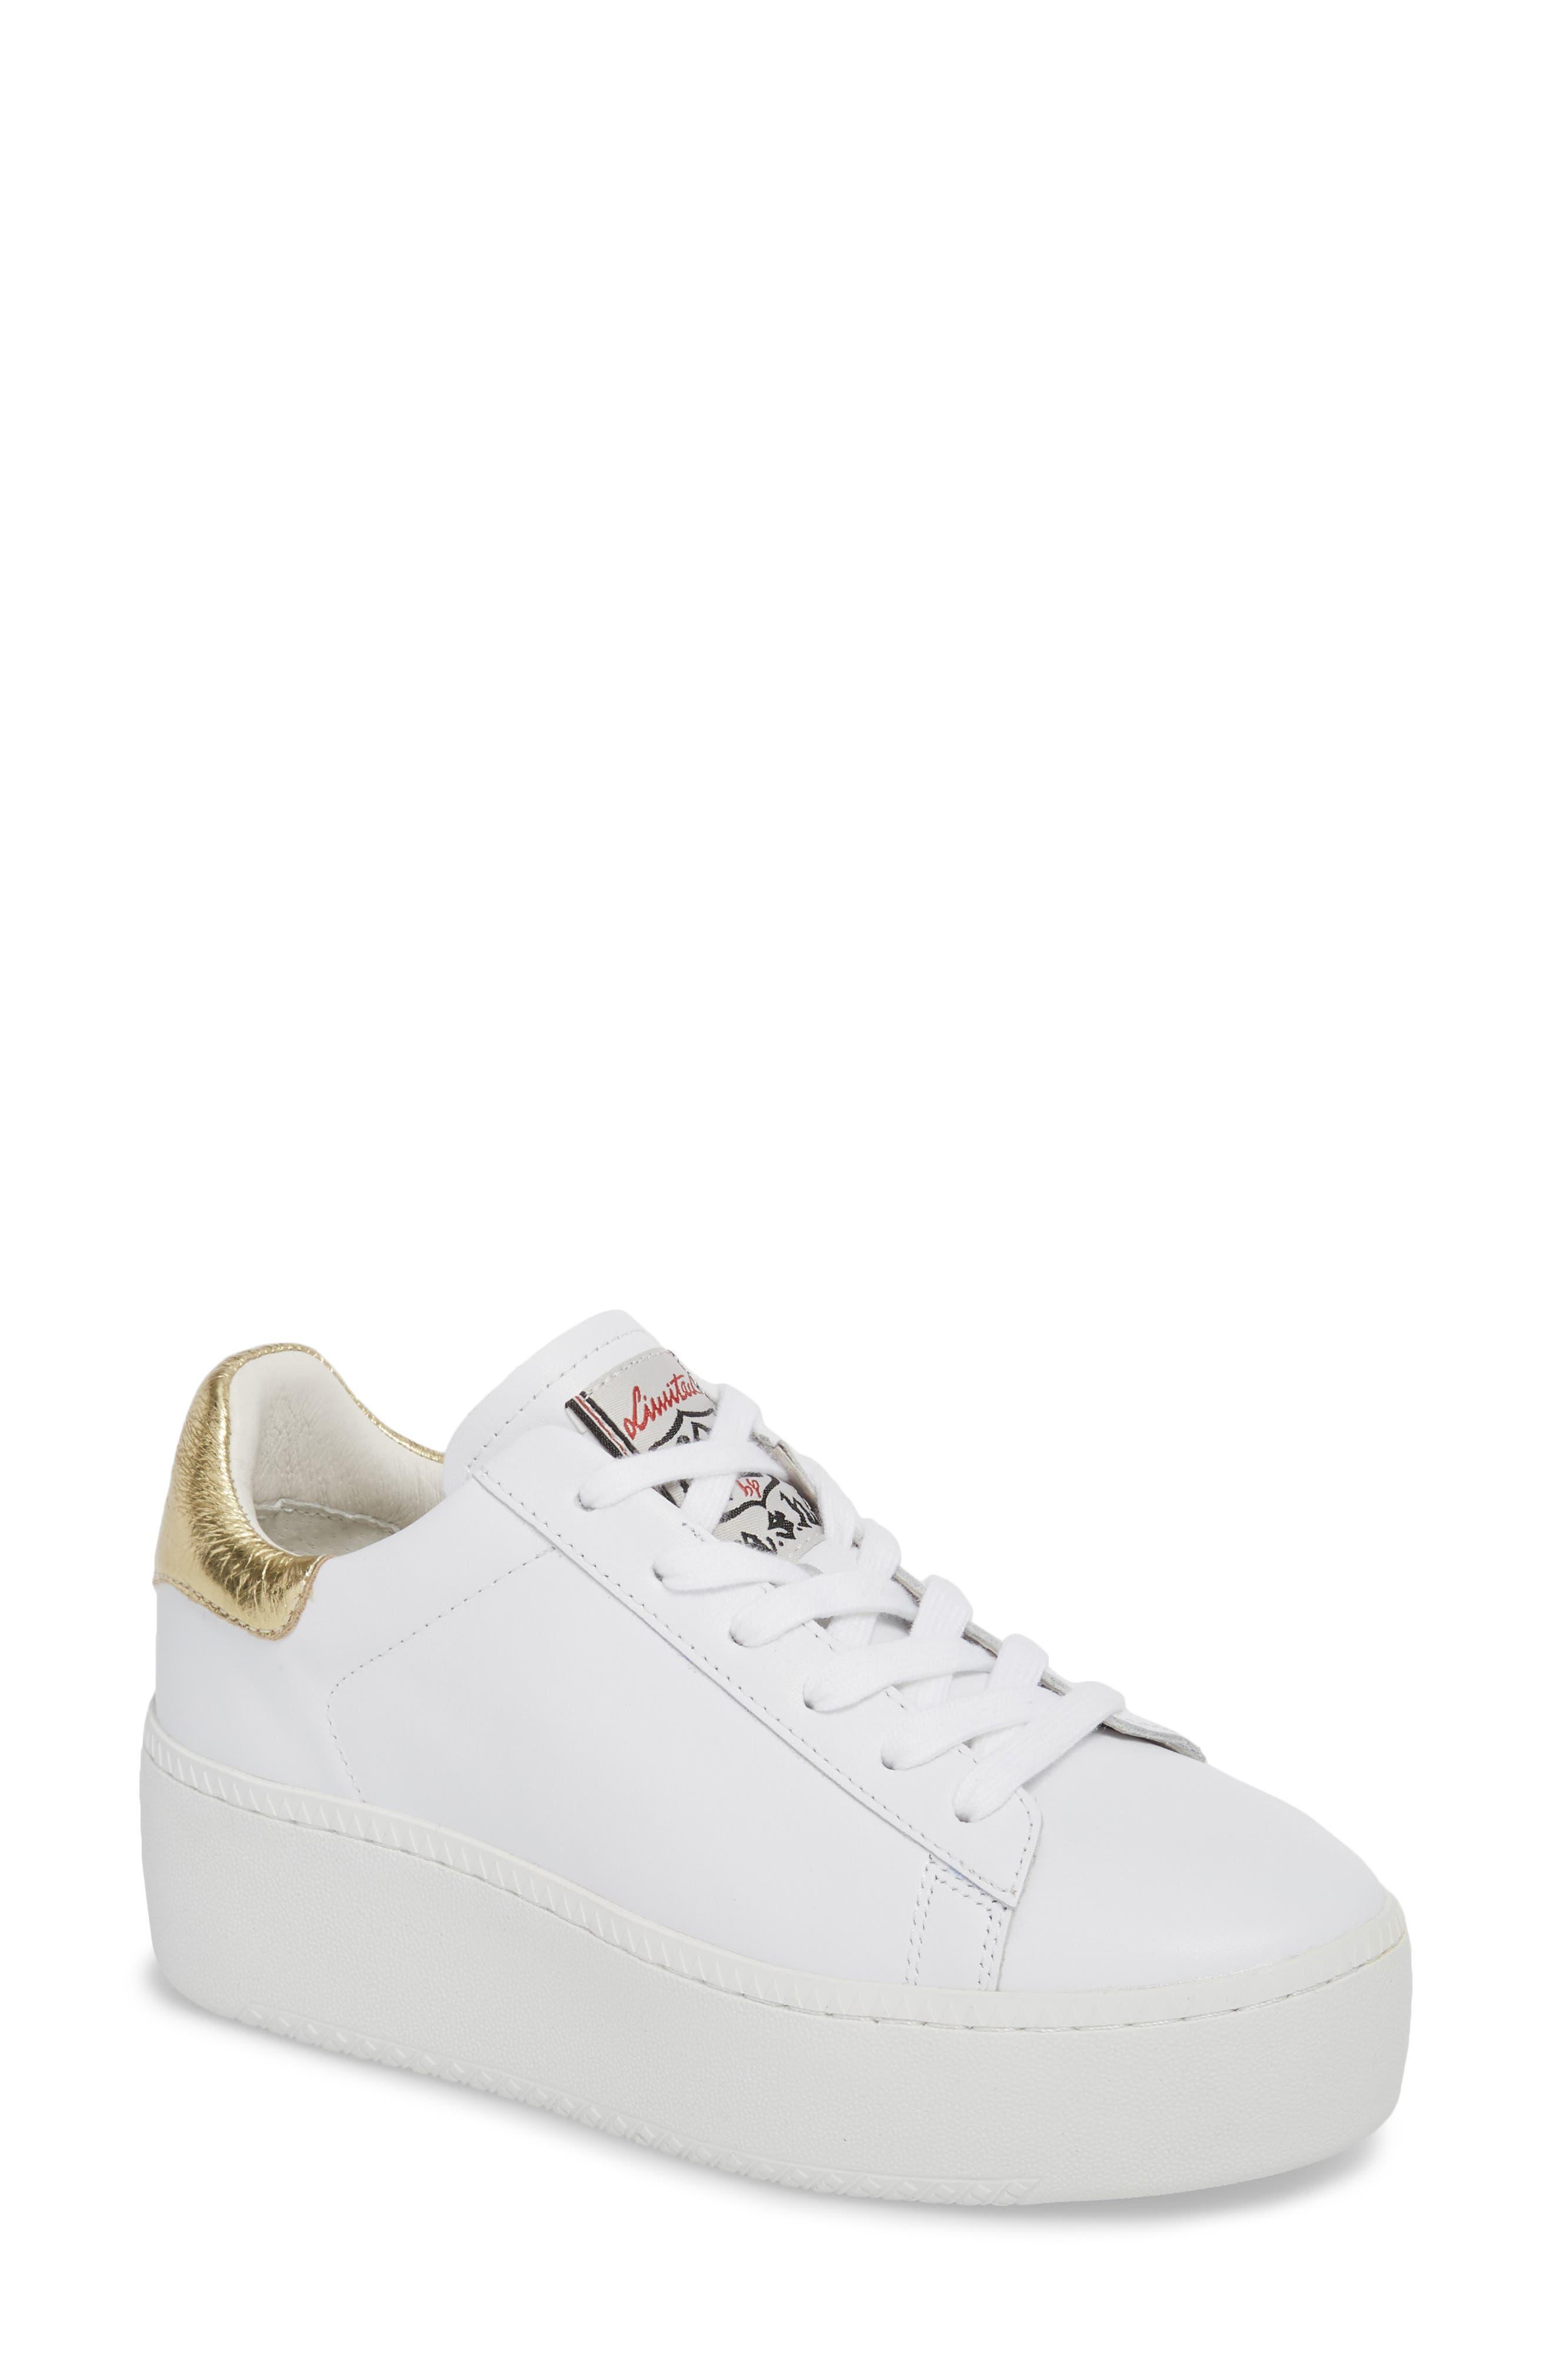 Cult Platform Sneaker,                             Main thumbnail 1, color,                             White/ Ariel